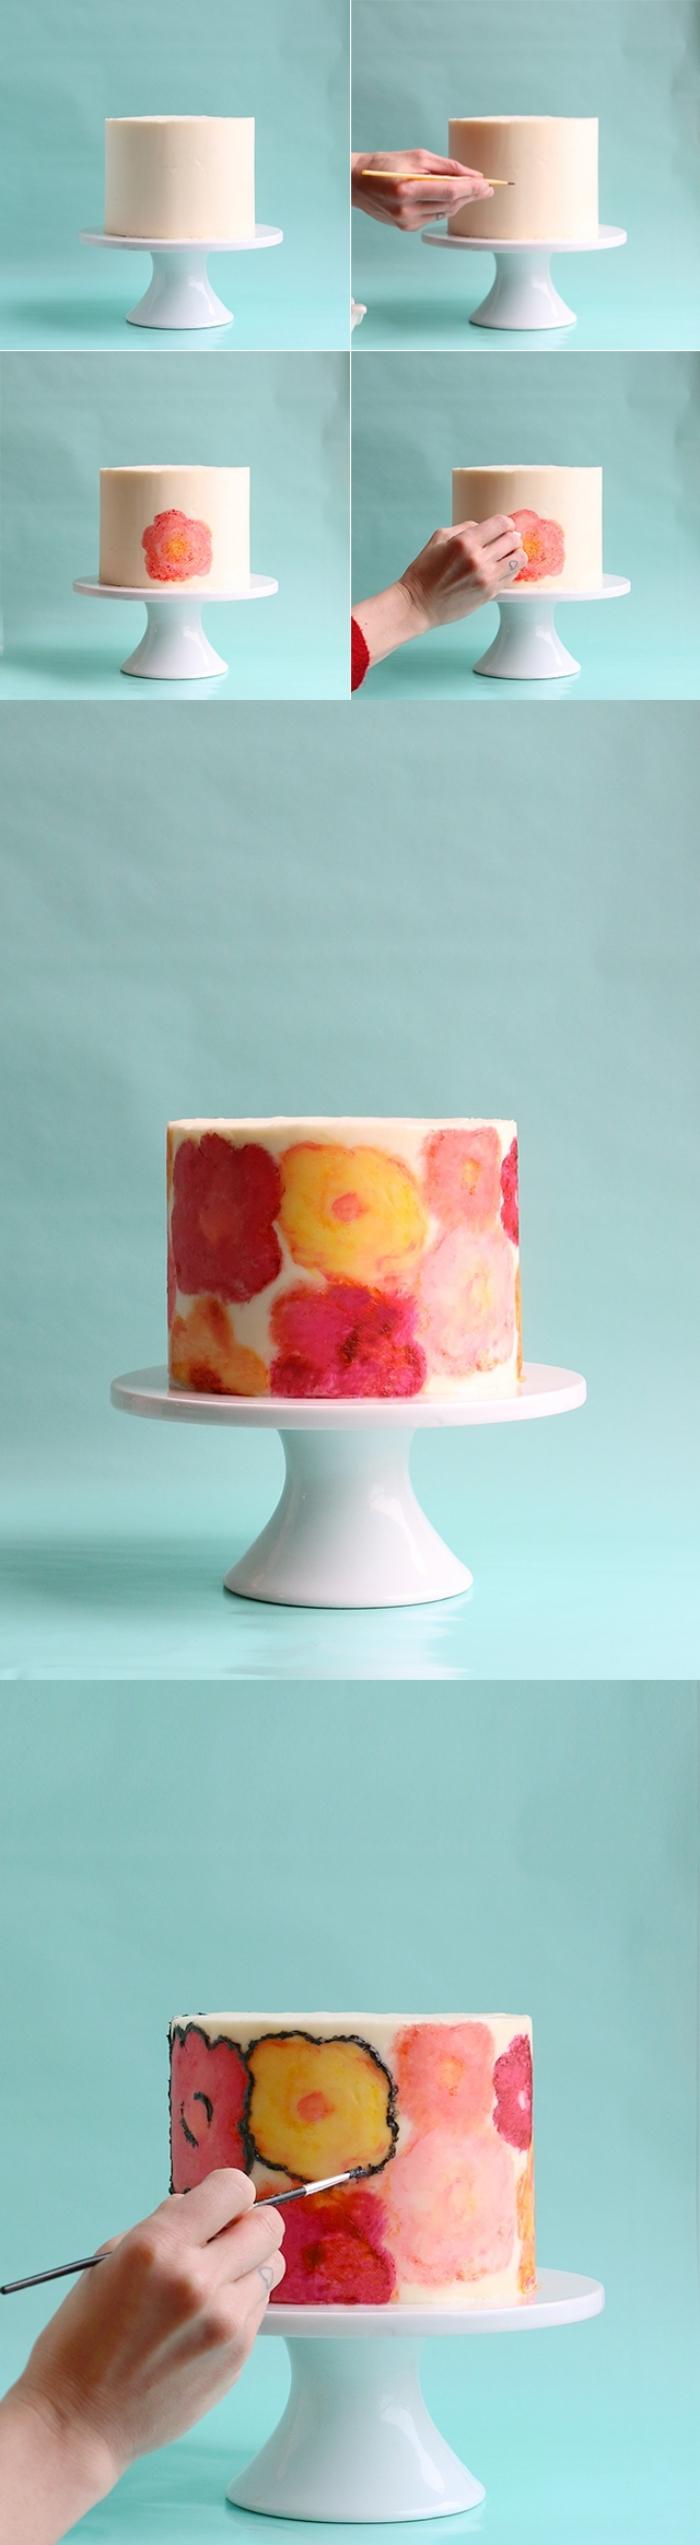 tuto pour réaliser une jolie décoration florale sur un glaçage au beurre avec des colorants alimentaires gel, dessin gateau anniversaire